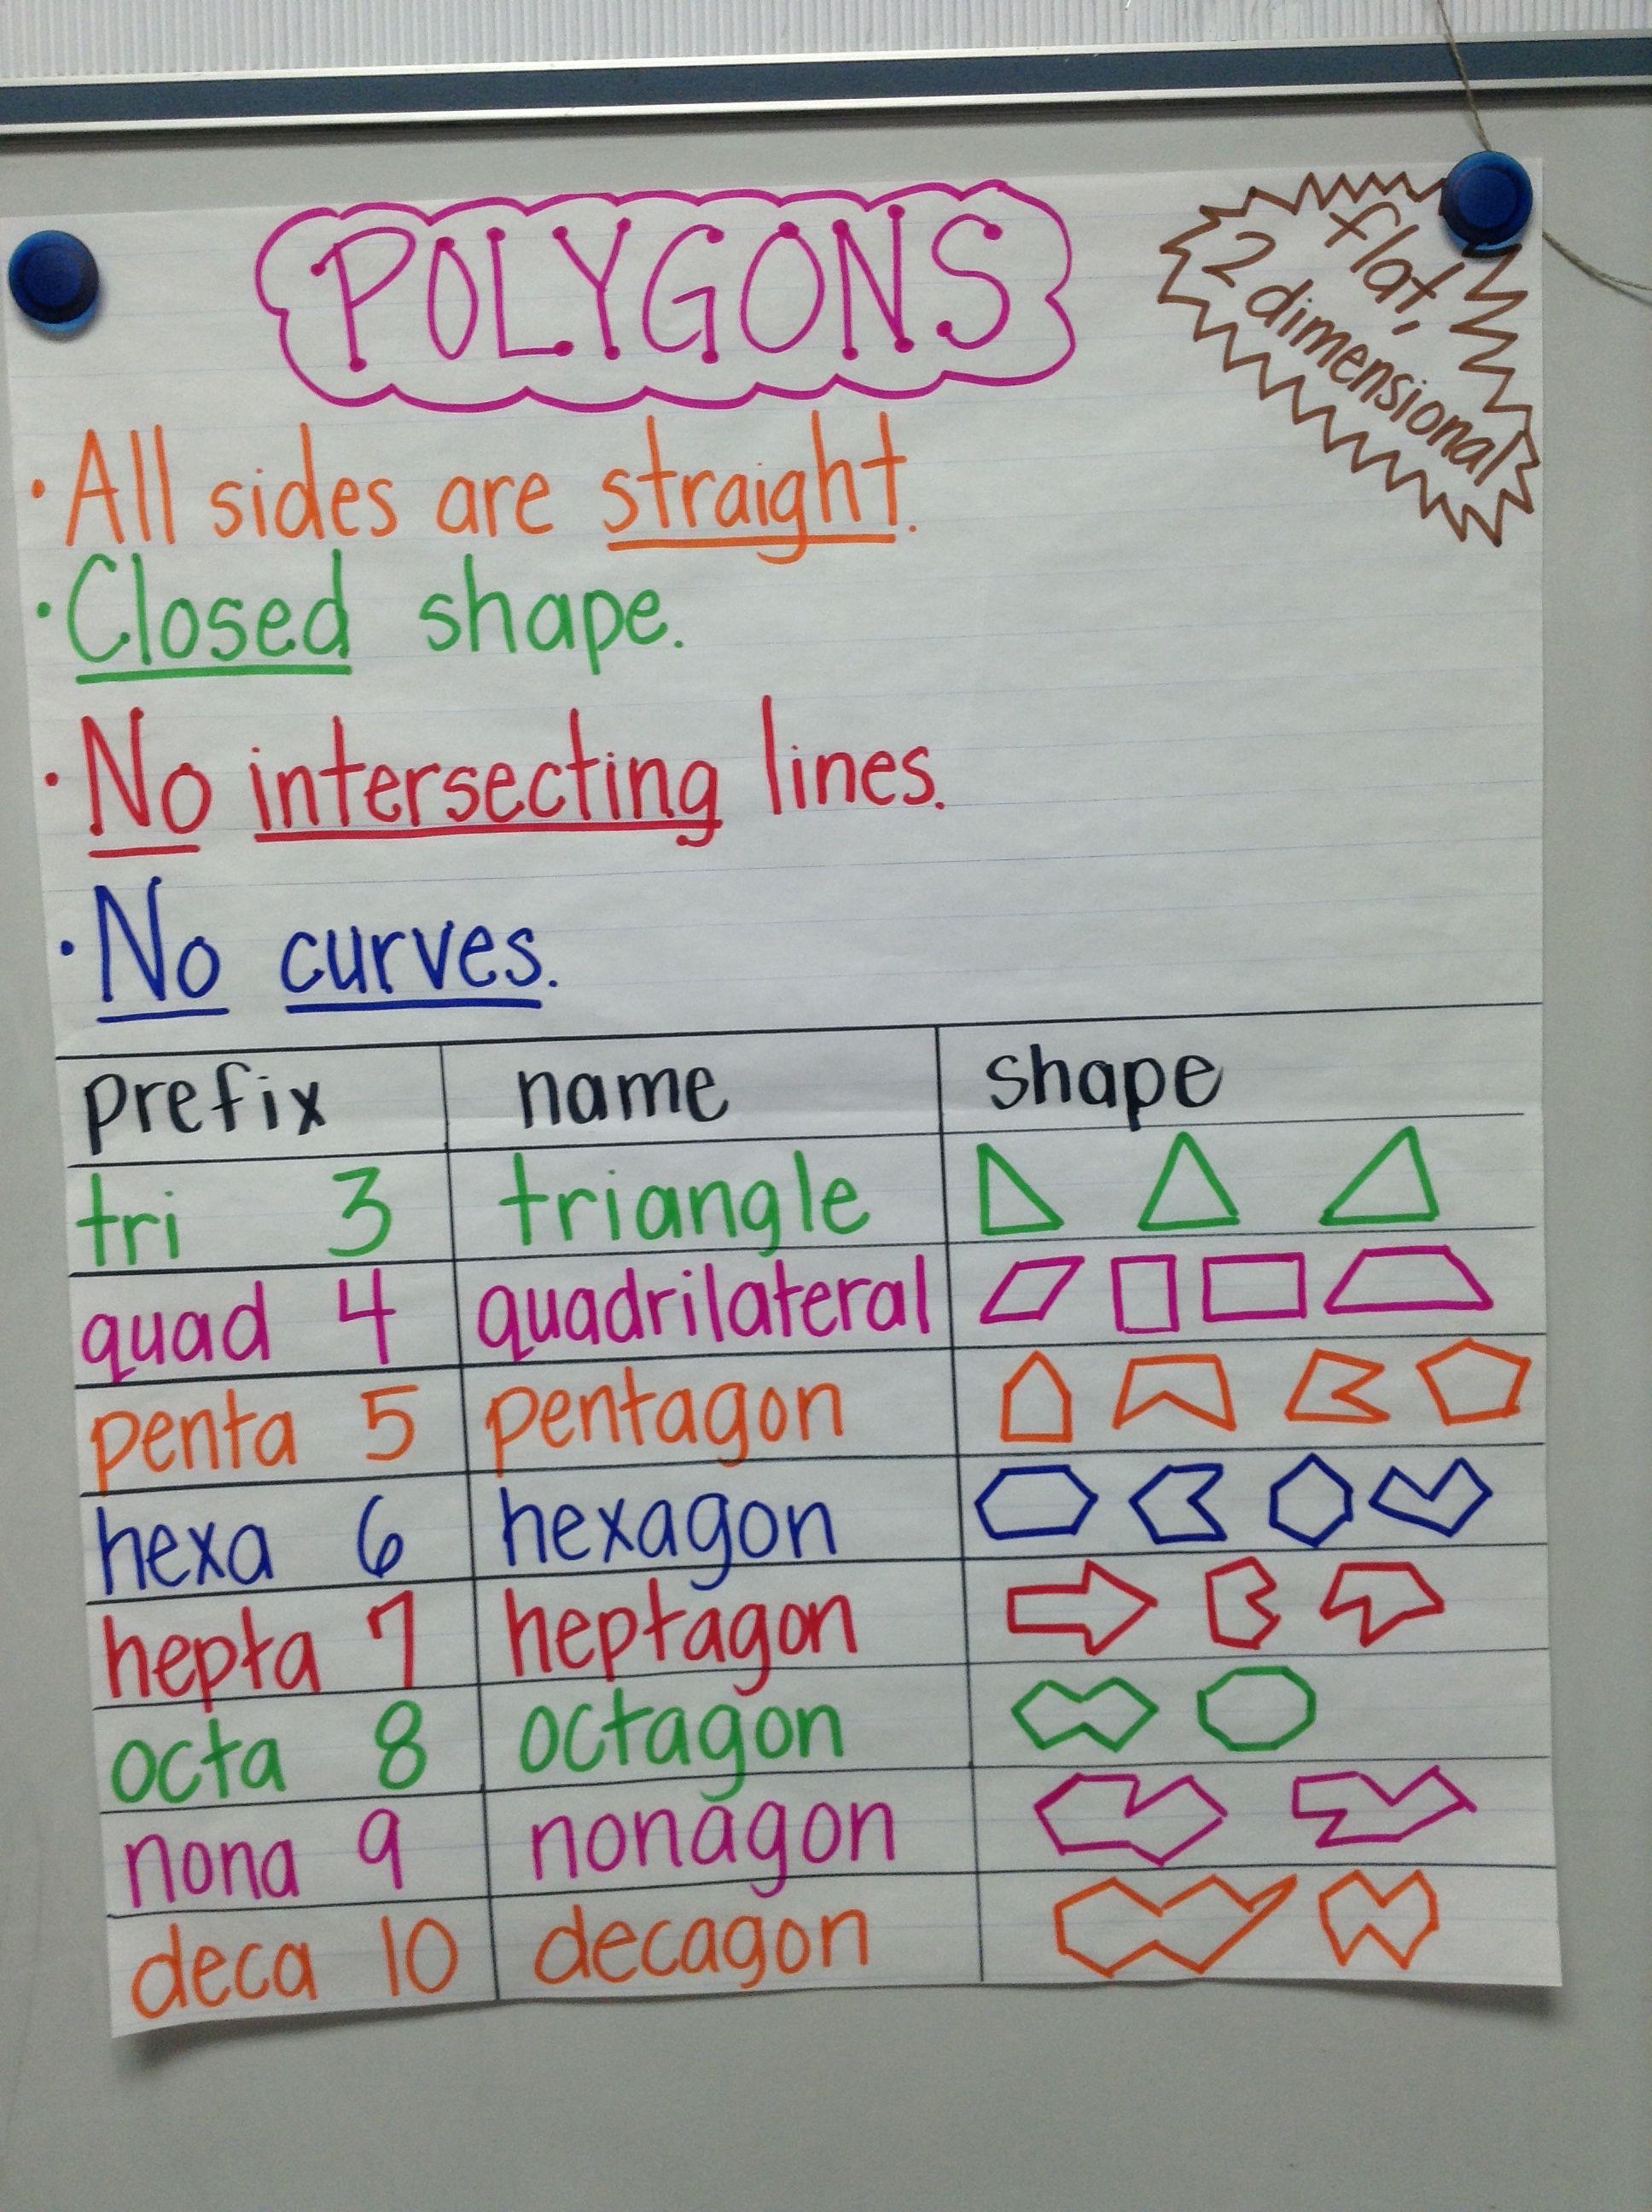 Polygon anchor chart : School : Pinterest : Lu00e6ring og Plakater